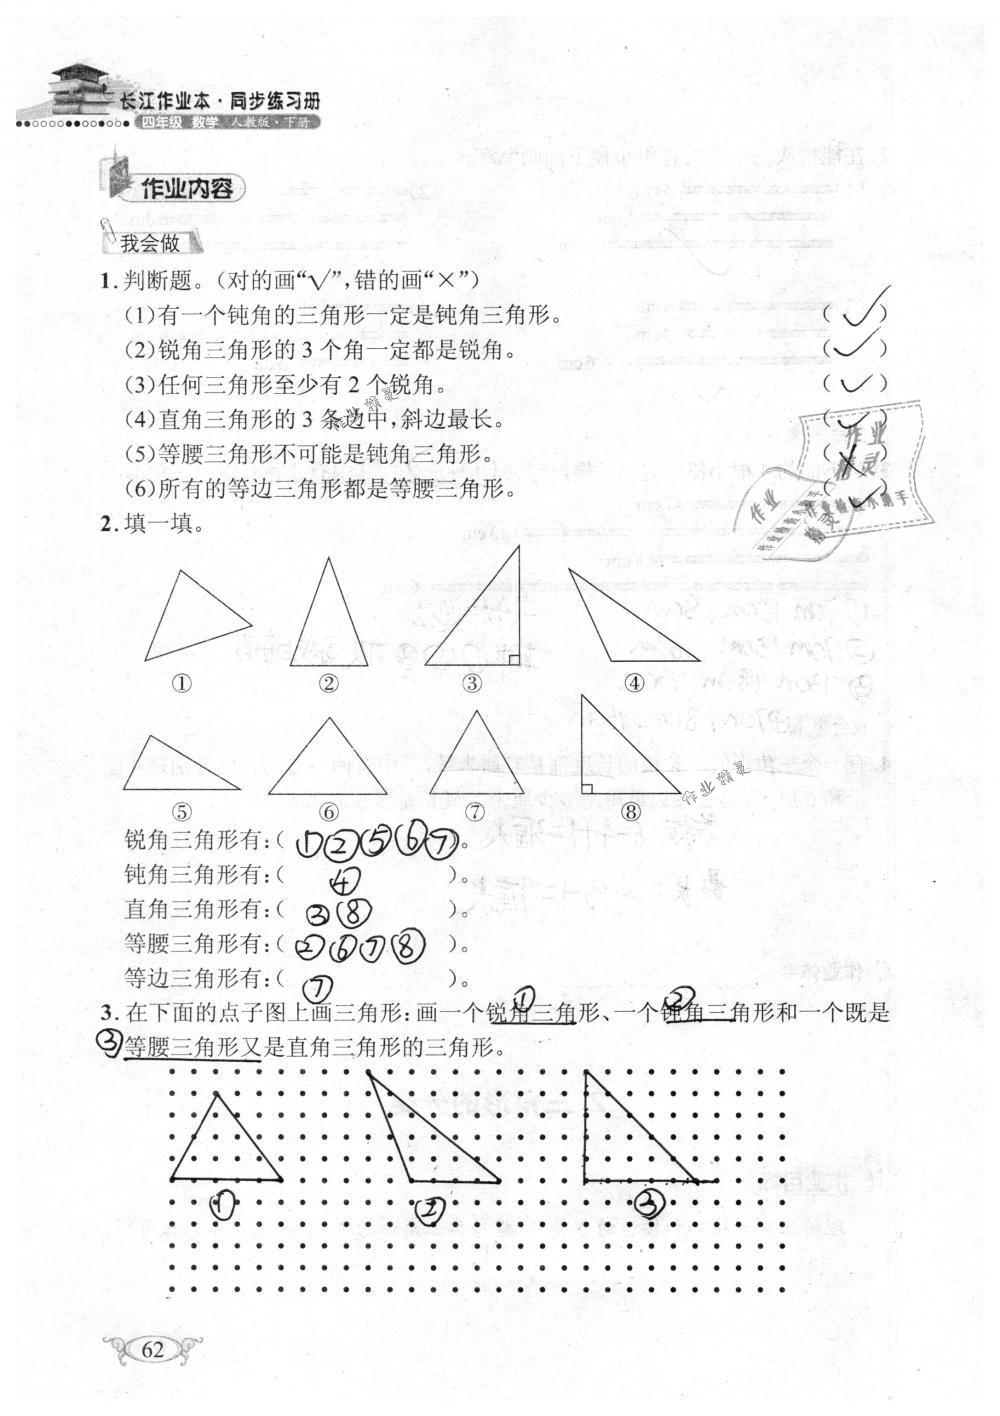 2019年长江作业本同步练习册四年级数学下册人教版参考答案第62页